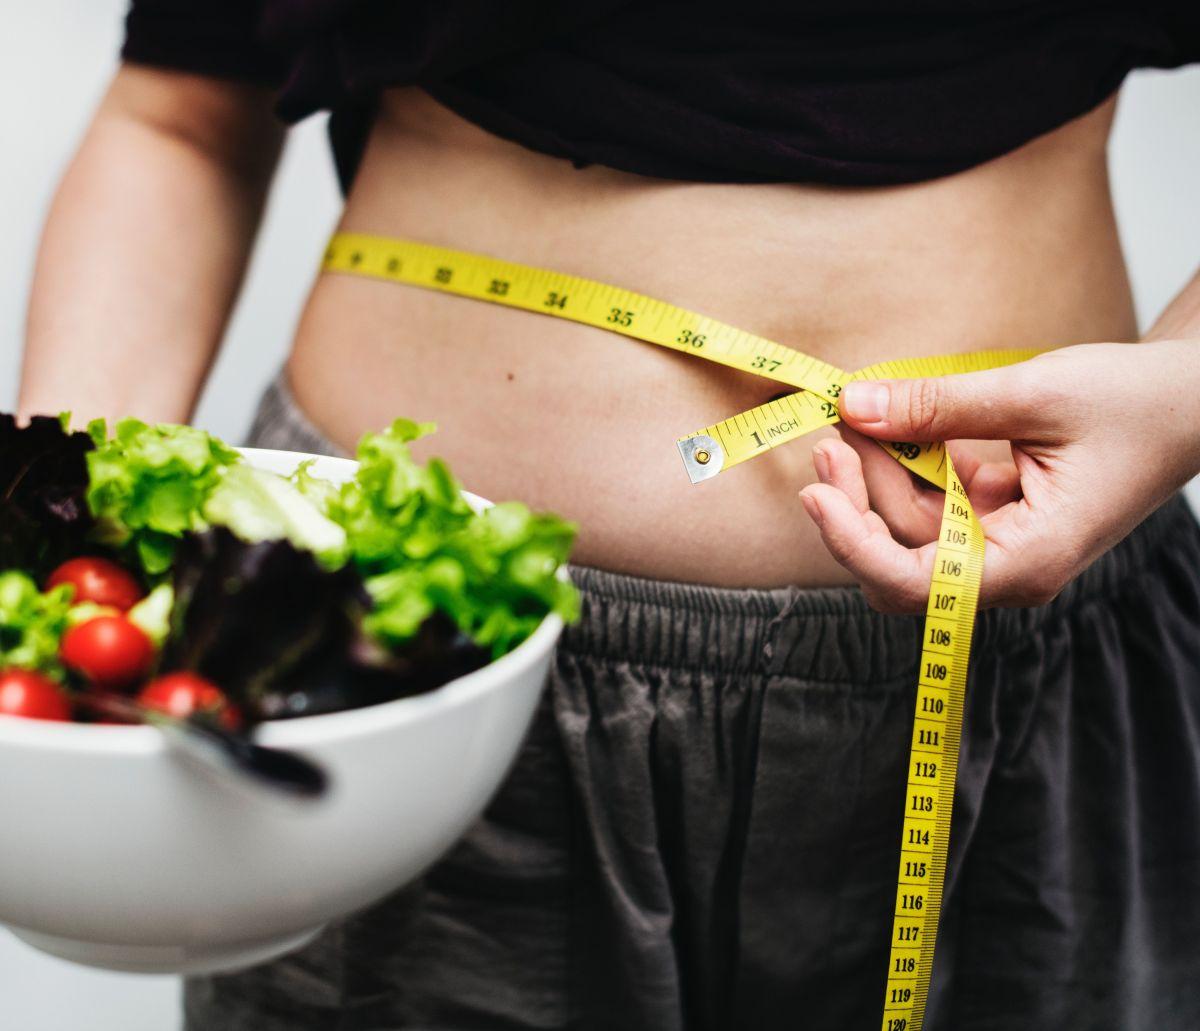 Cuáles son los efectos secundarios más peligrosos de renunciar a los carbohidratos, según la ciencia